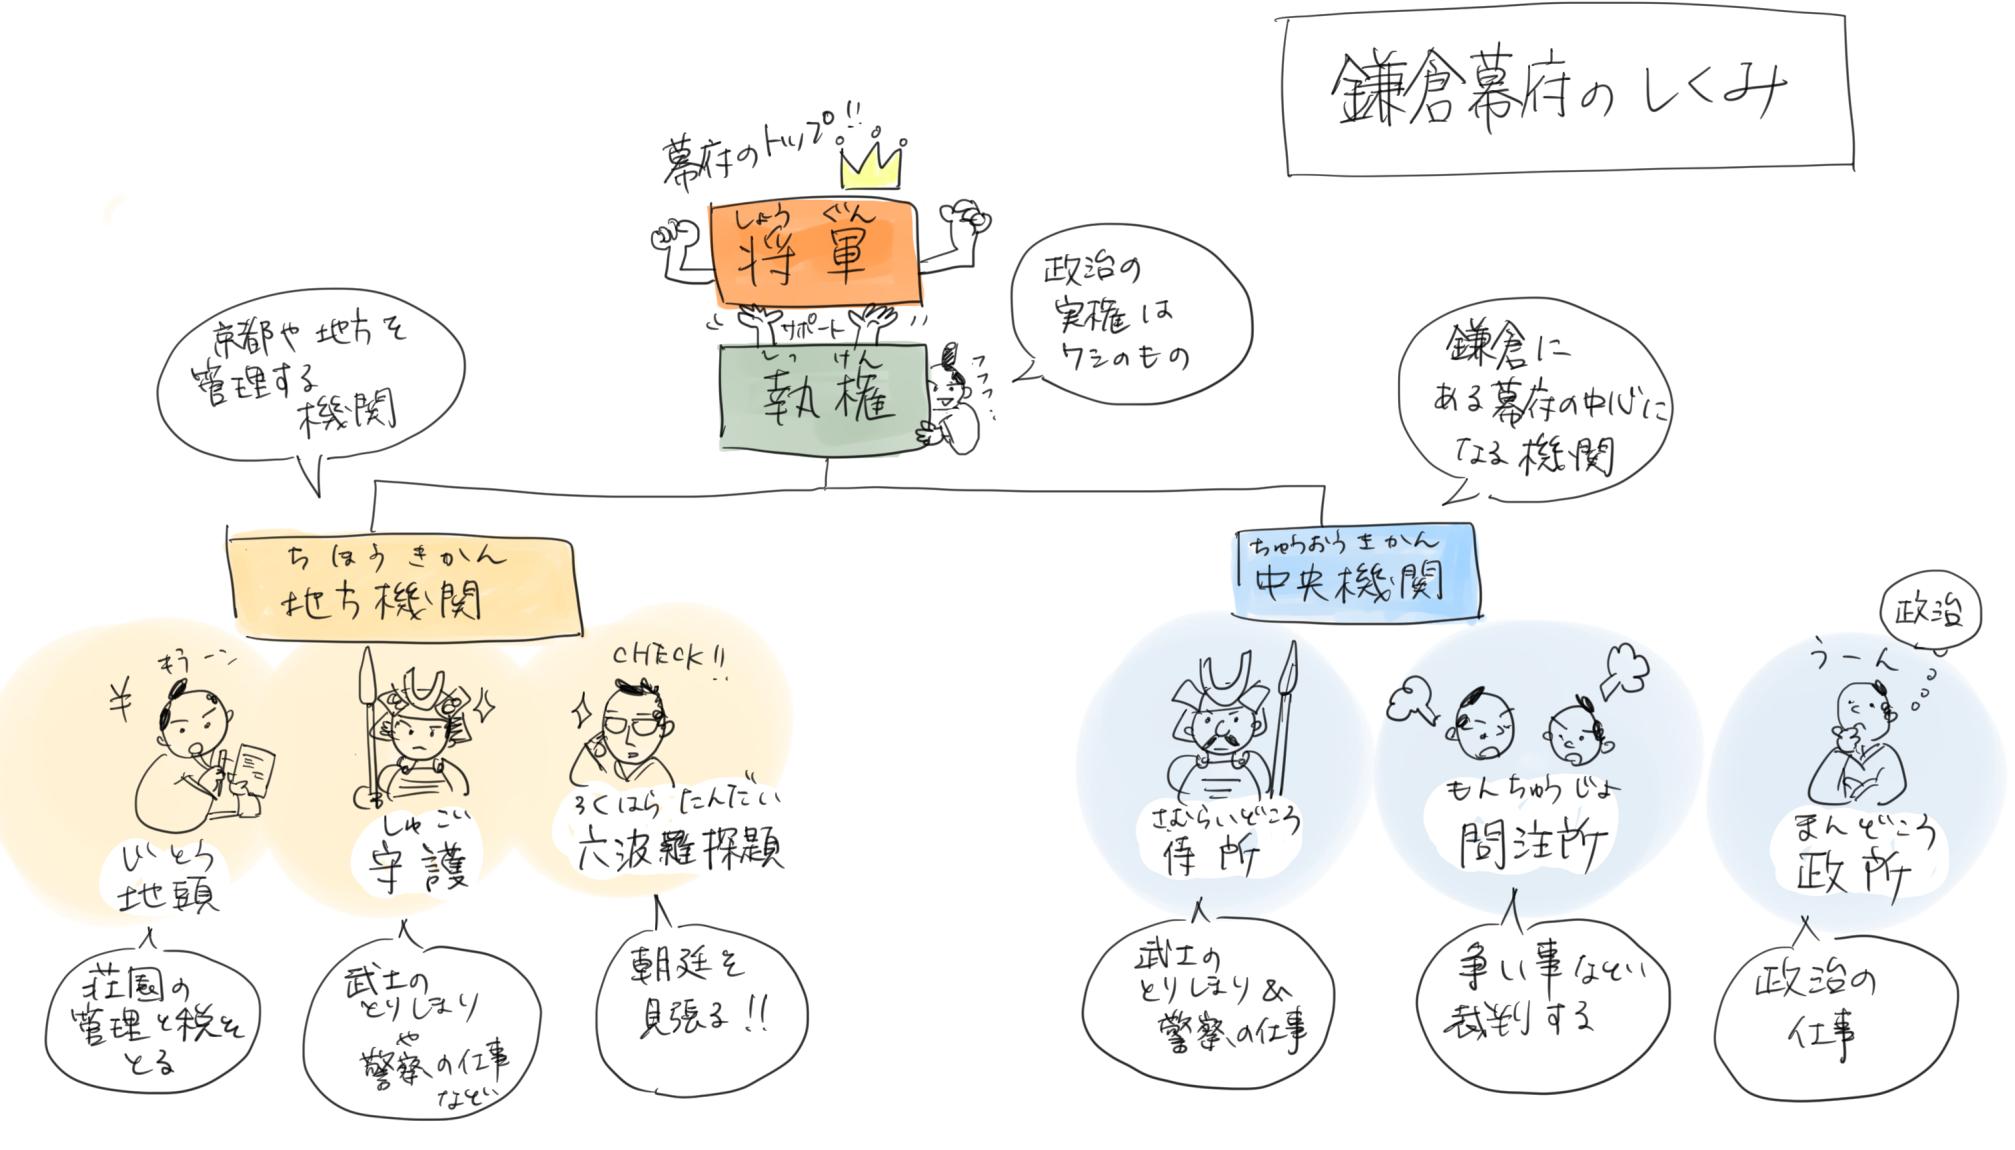 鎌倉幕府の政治のしくみのイラスト